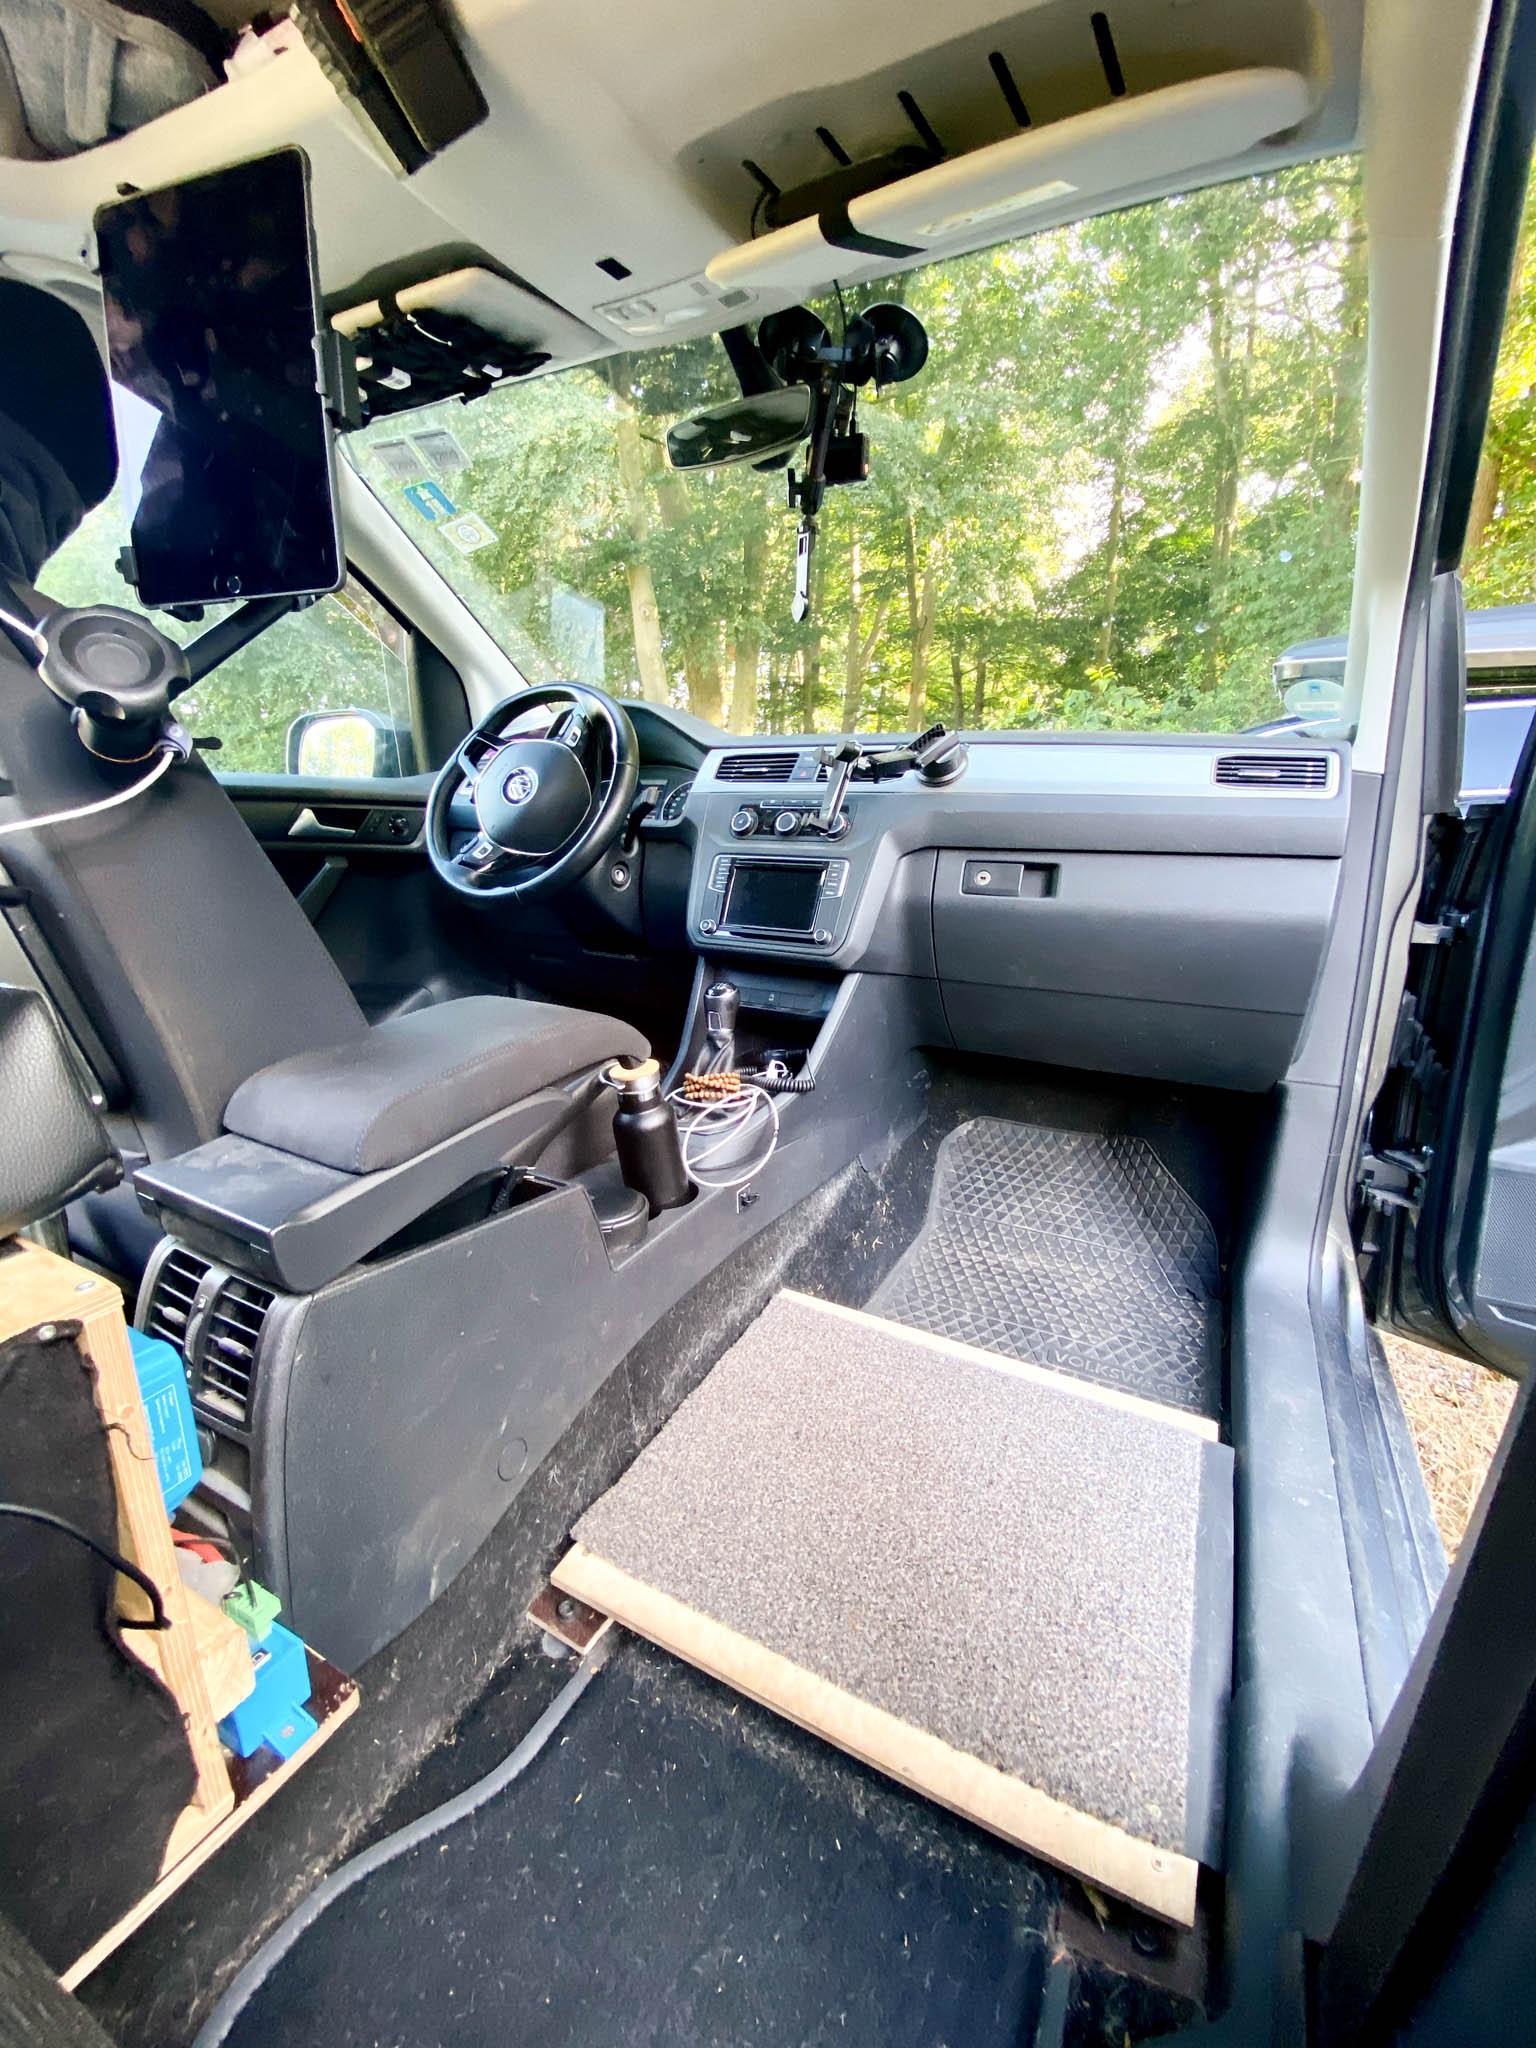 Ausgebauter Beifahrersitz in einem VW Caddy, die Halterungen sind mit einem Brett abgedeckt